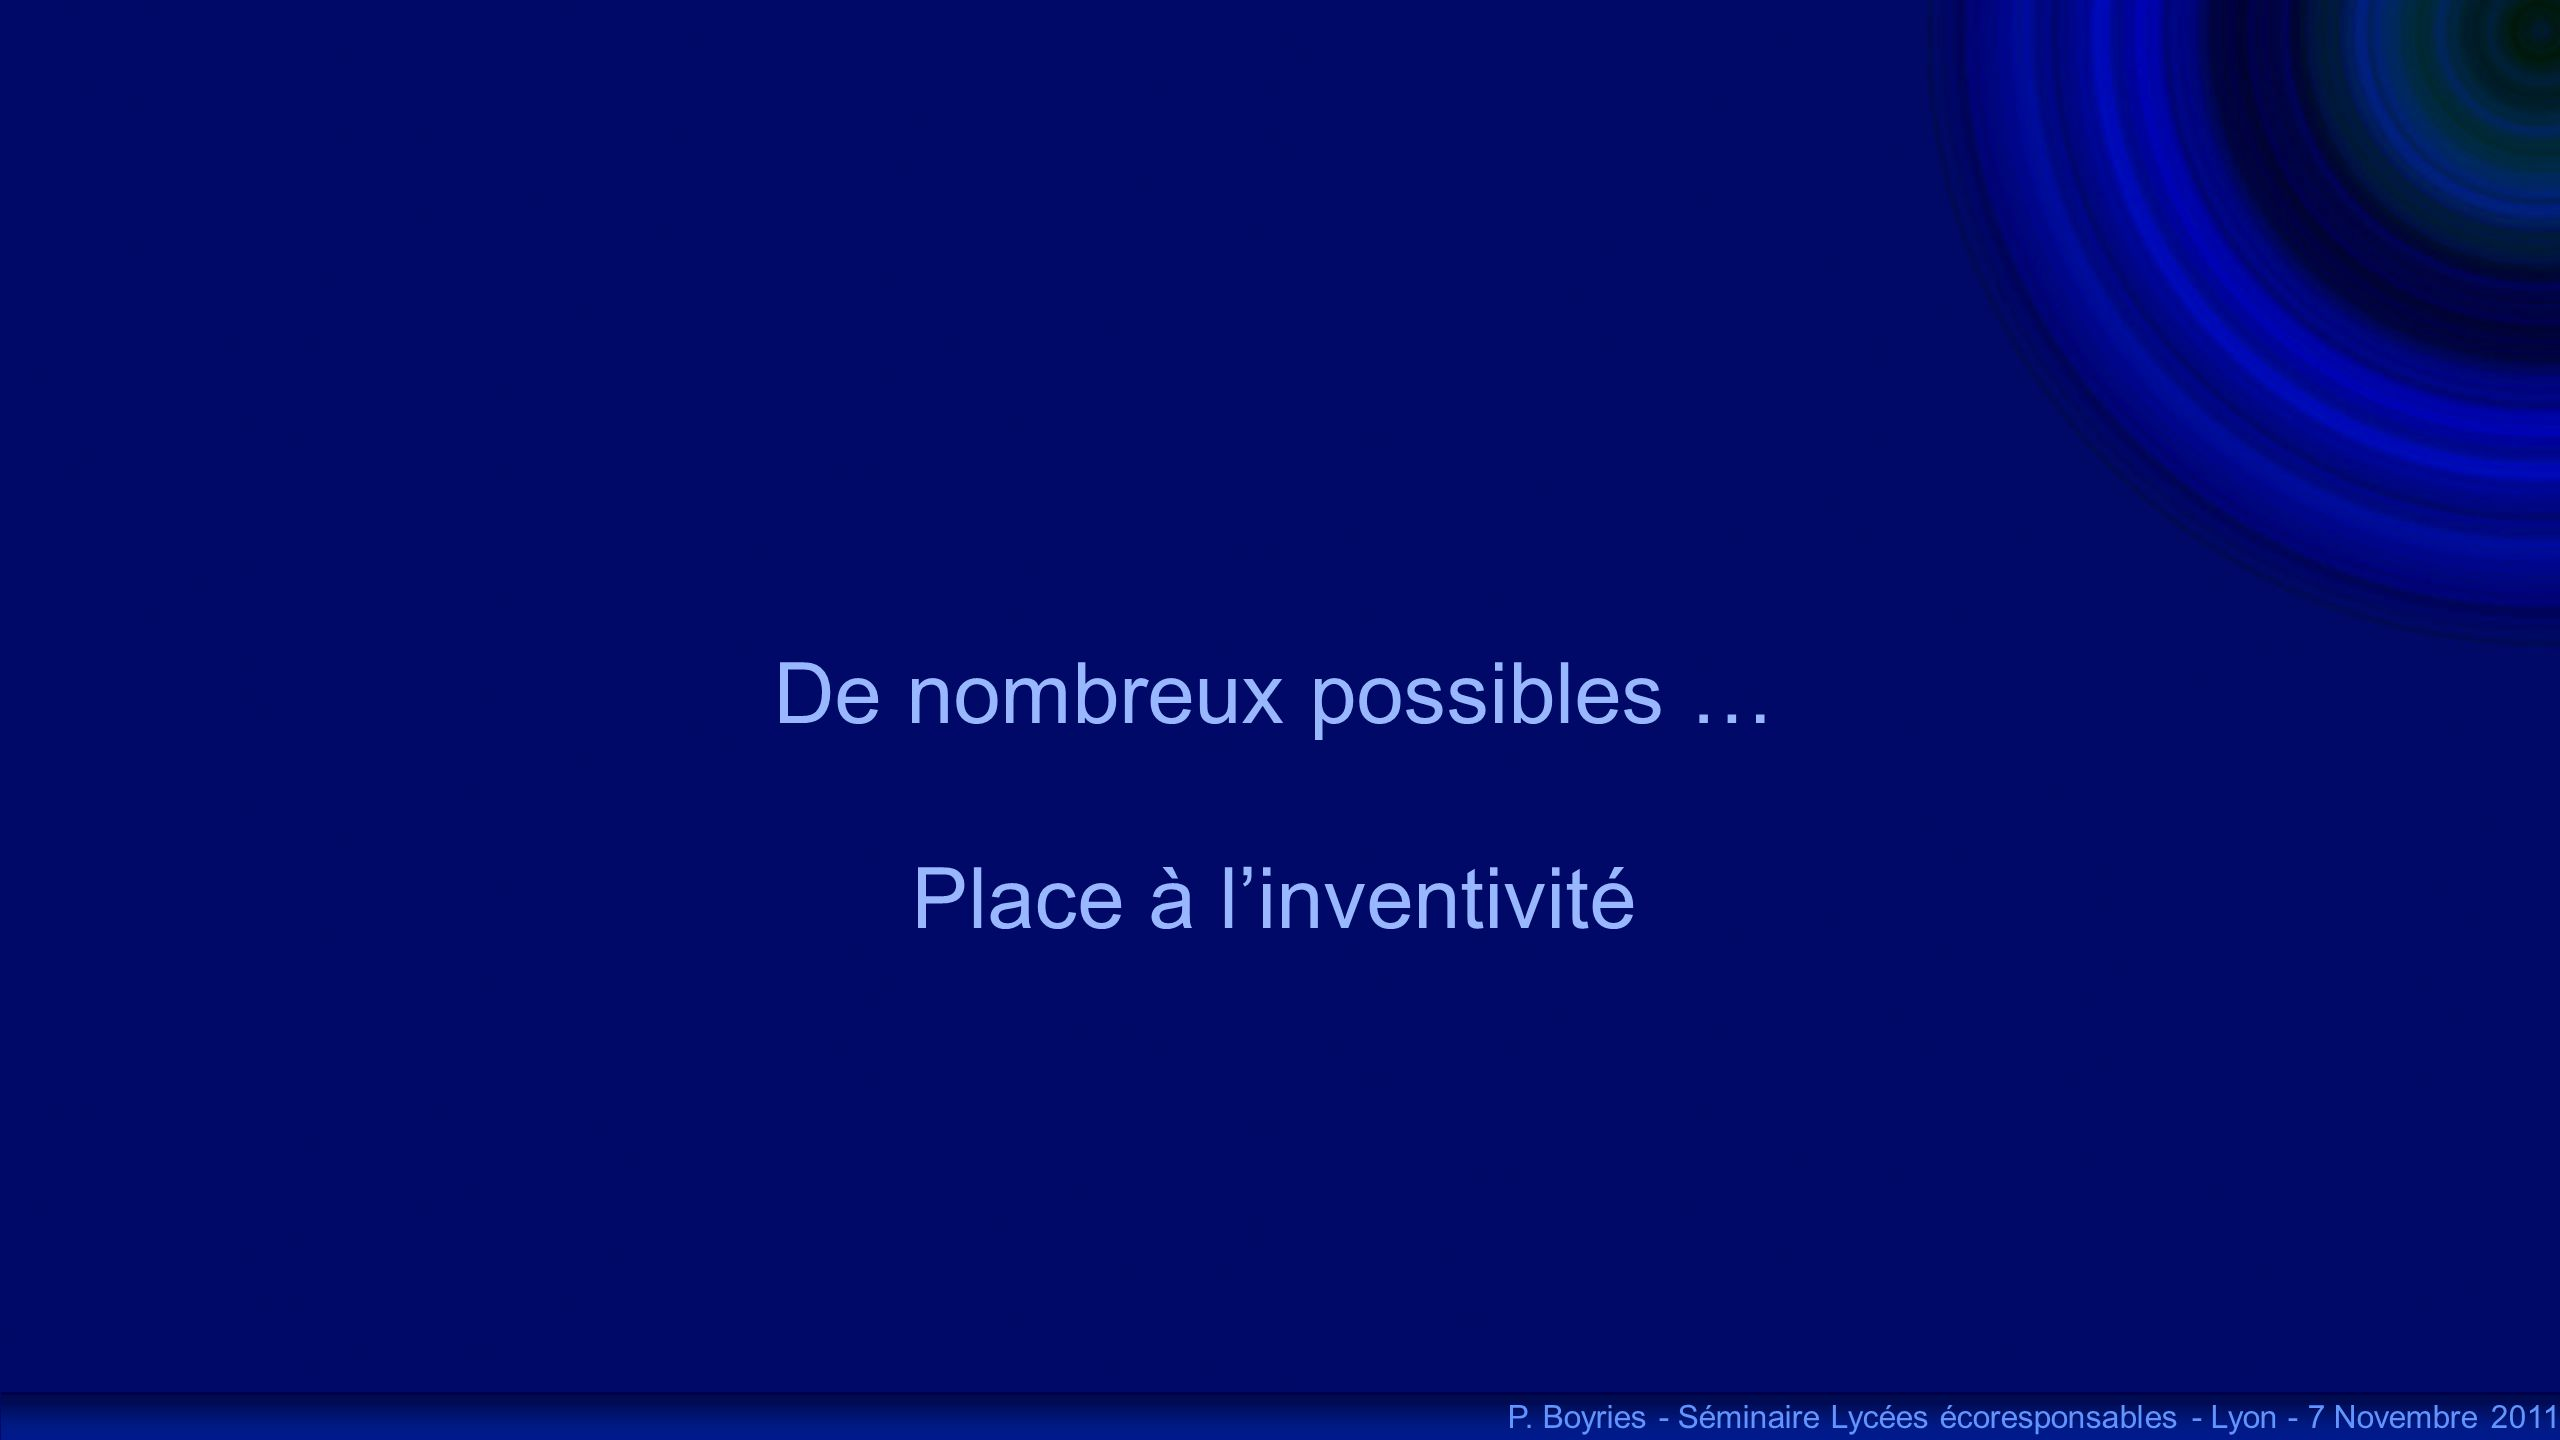 De nombreux possibles … Place à linventivité P. Boyries - Séminaire Lycées écoresponsables - Lyon - 7 Novembre 2011